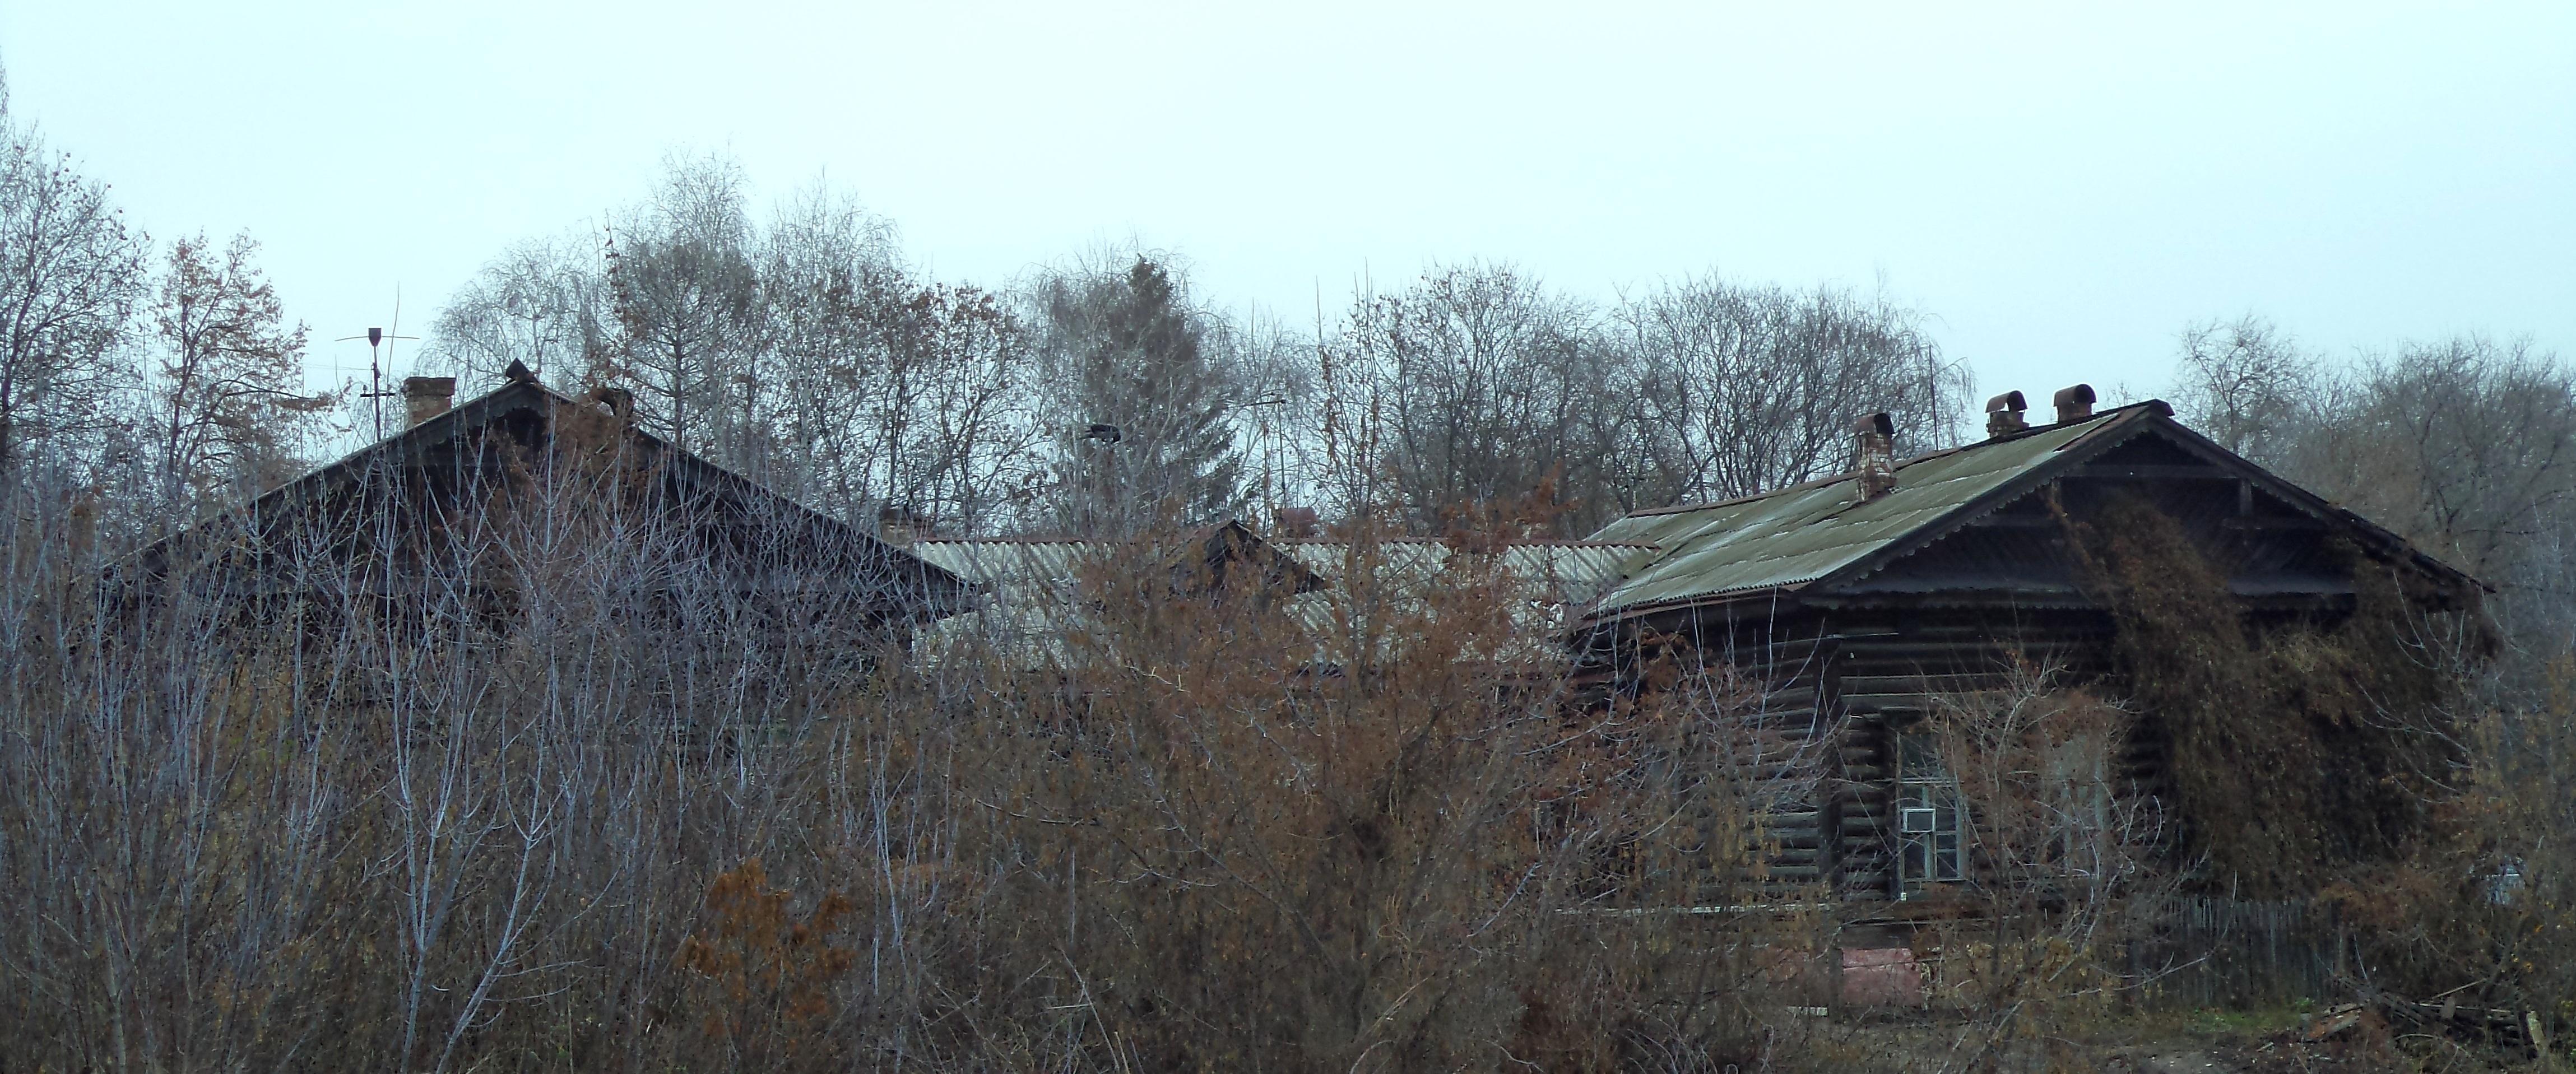 ФОТО 01-АМатросова-древний дом